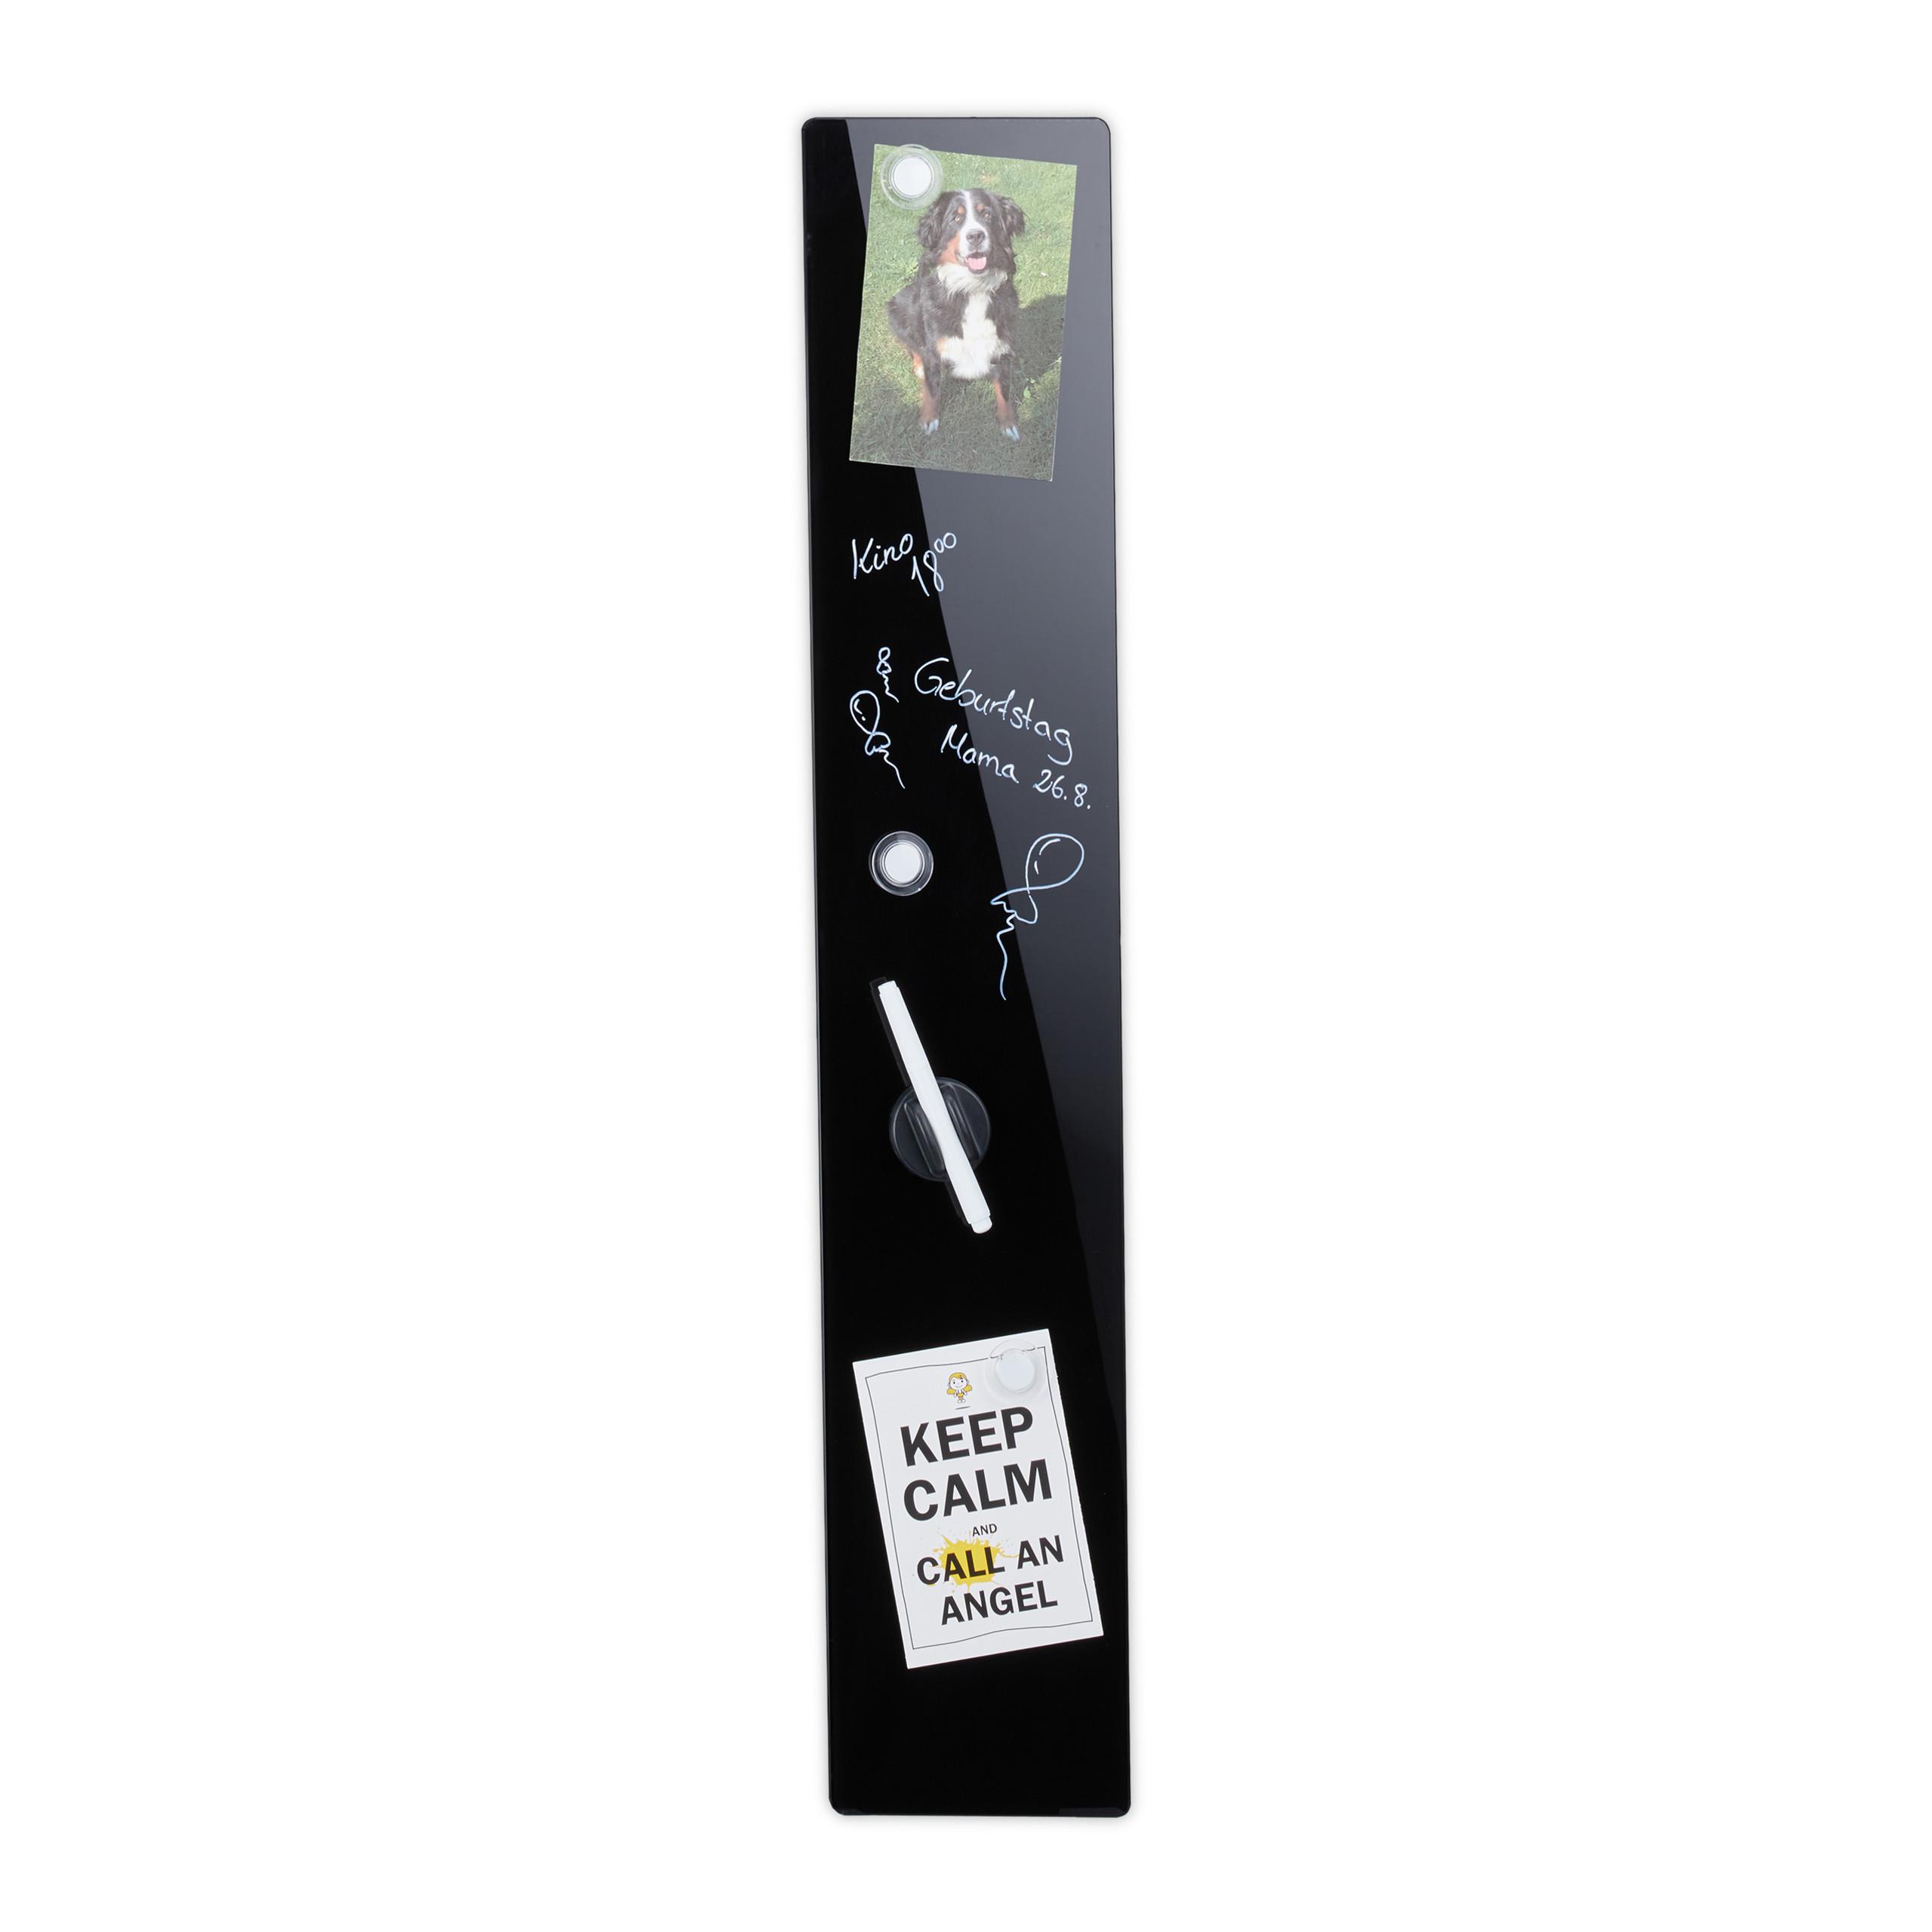 Tableau D Affichage Vitré détails sur tableau magnétique, pense-bête, noir, stylo-feutre, panneau  d'affichage, verre